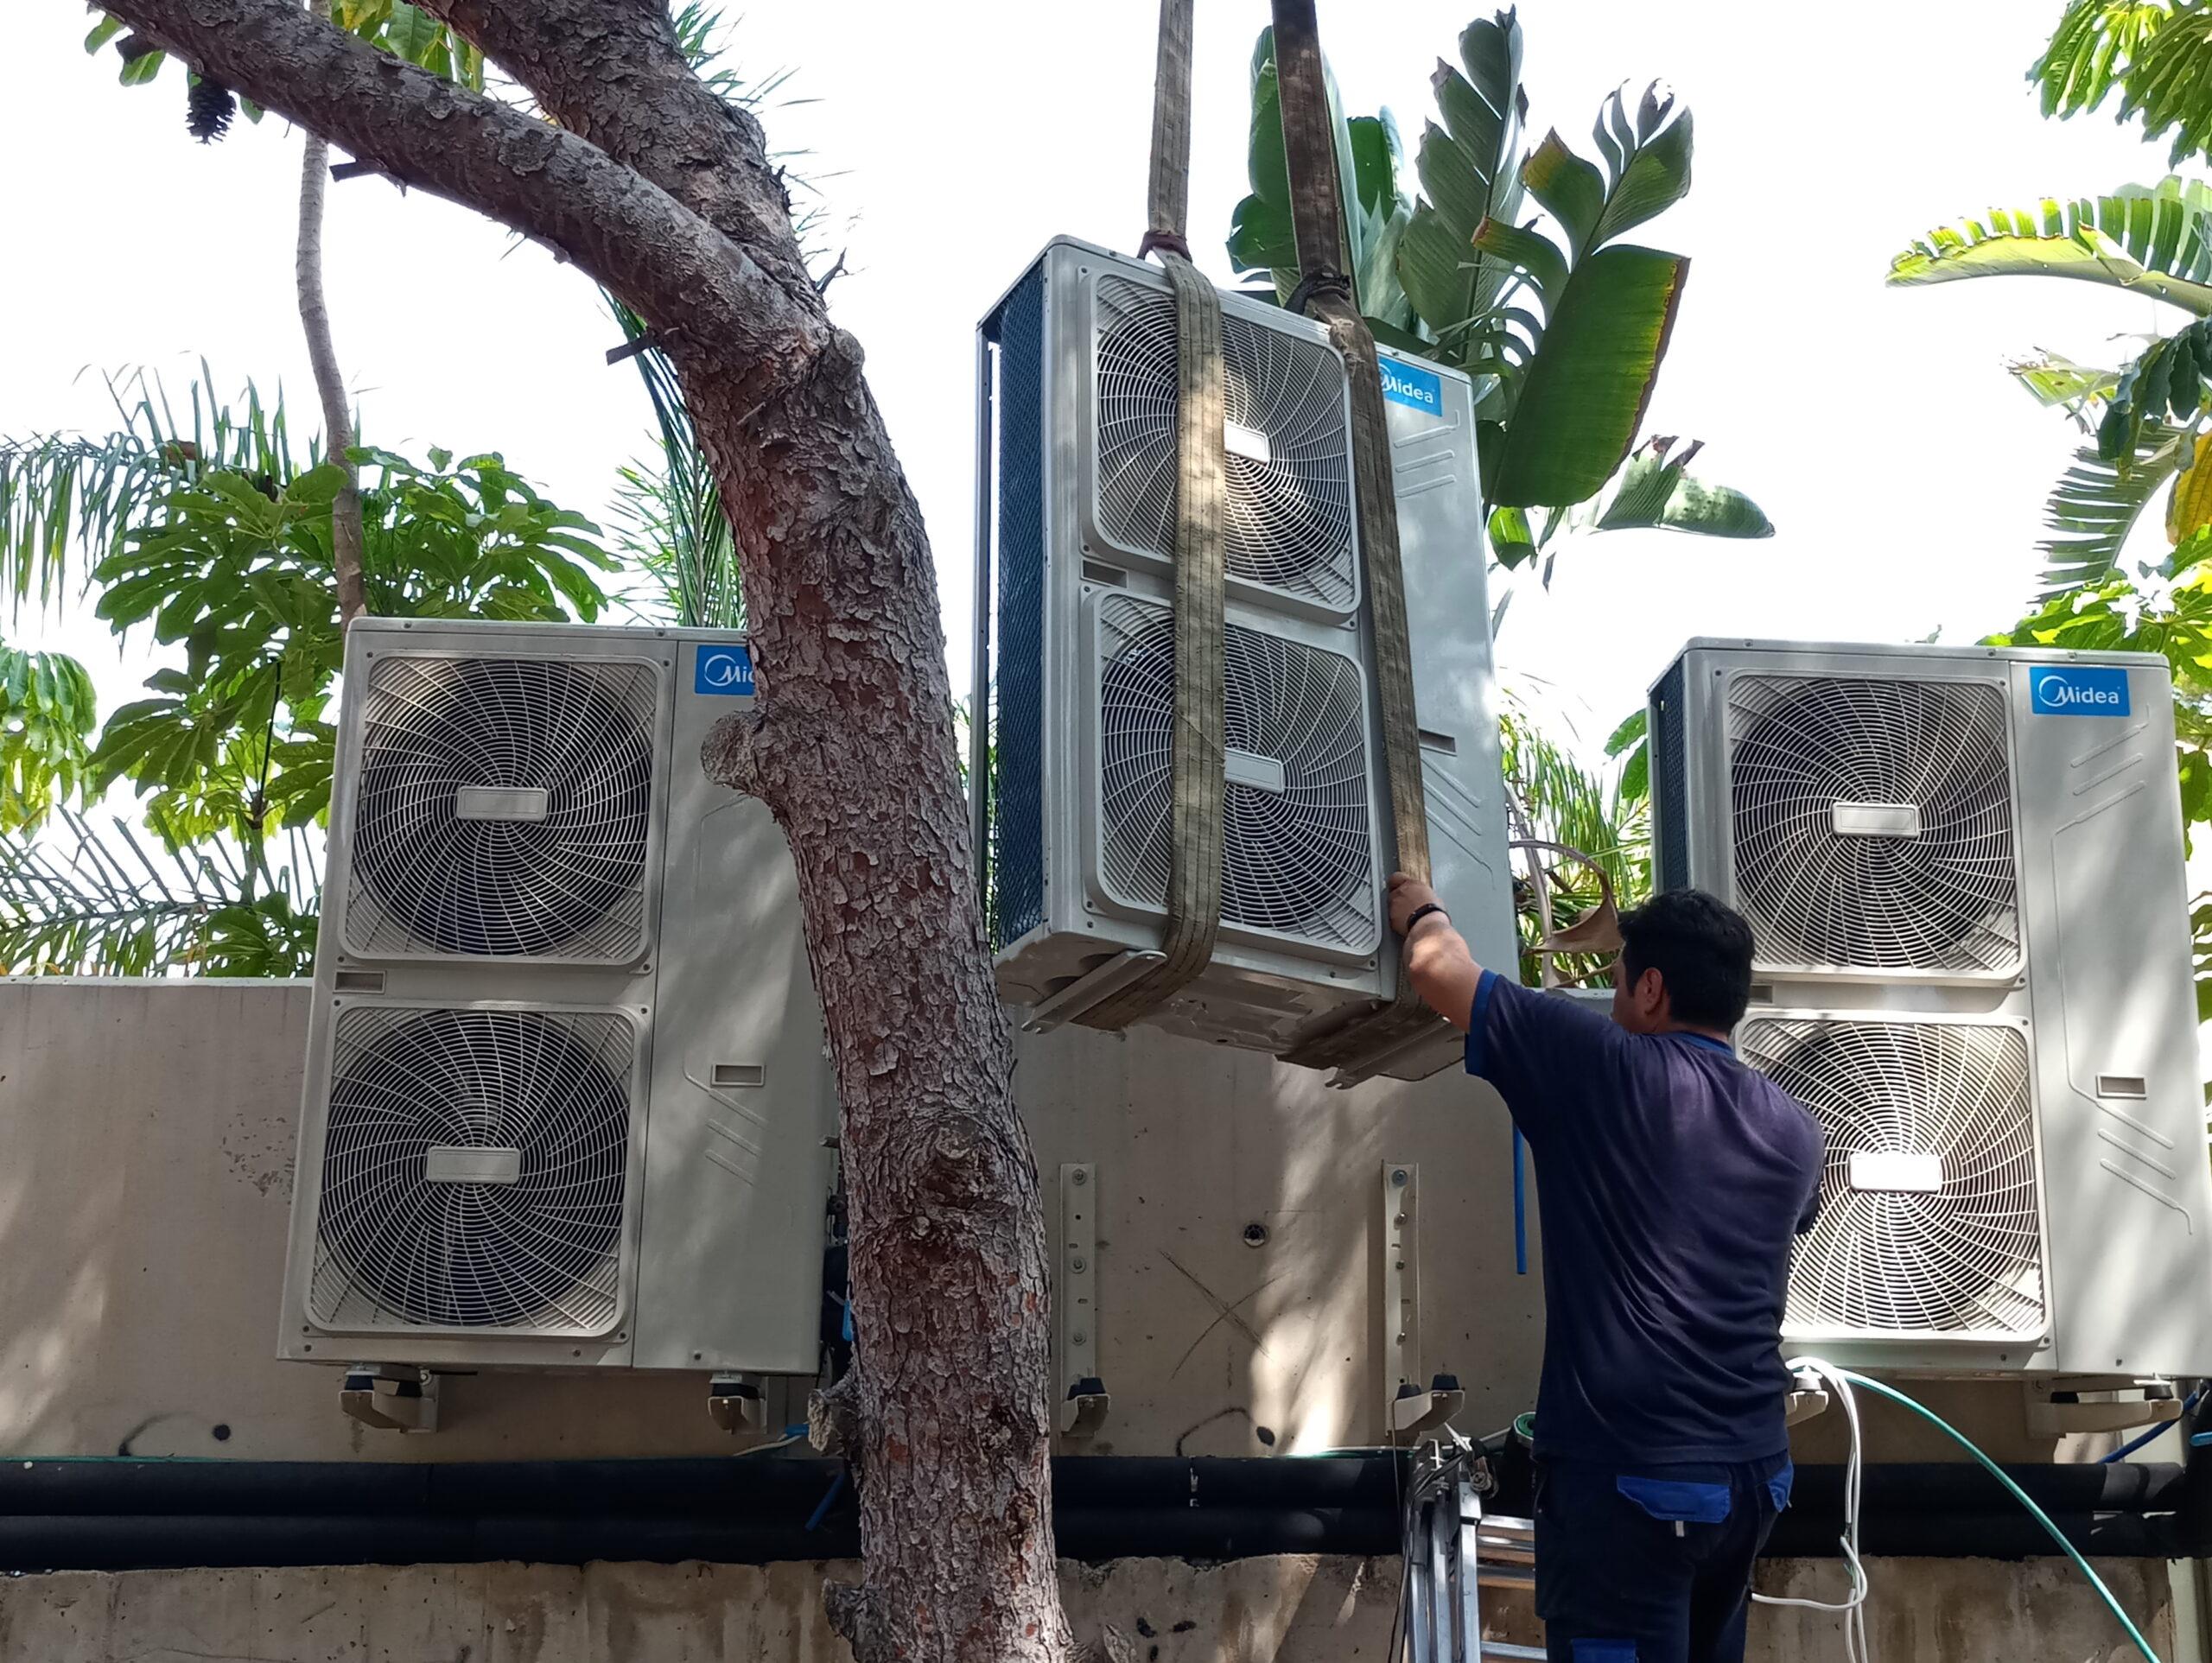 Reparación de aire acondicionado en Murcia llevada a cabo por trabajador